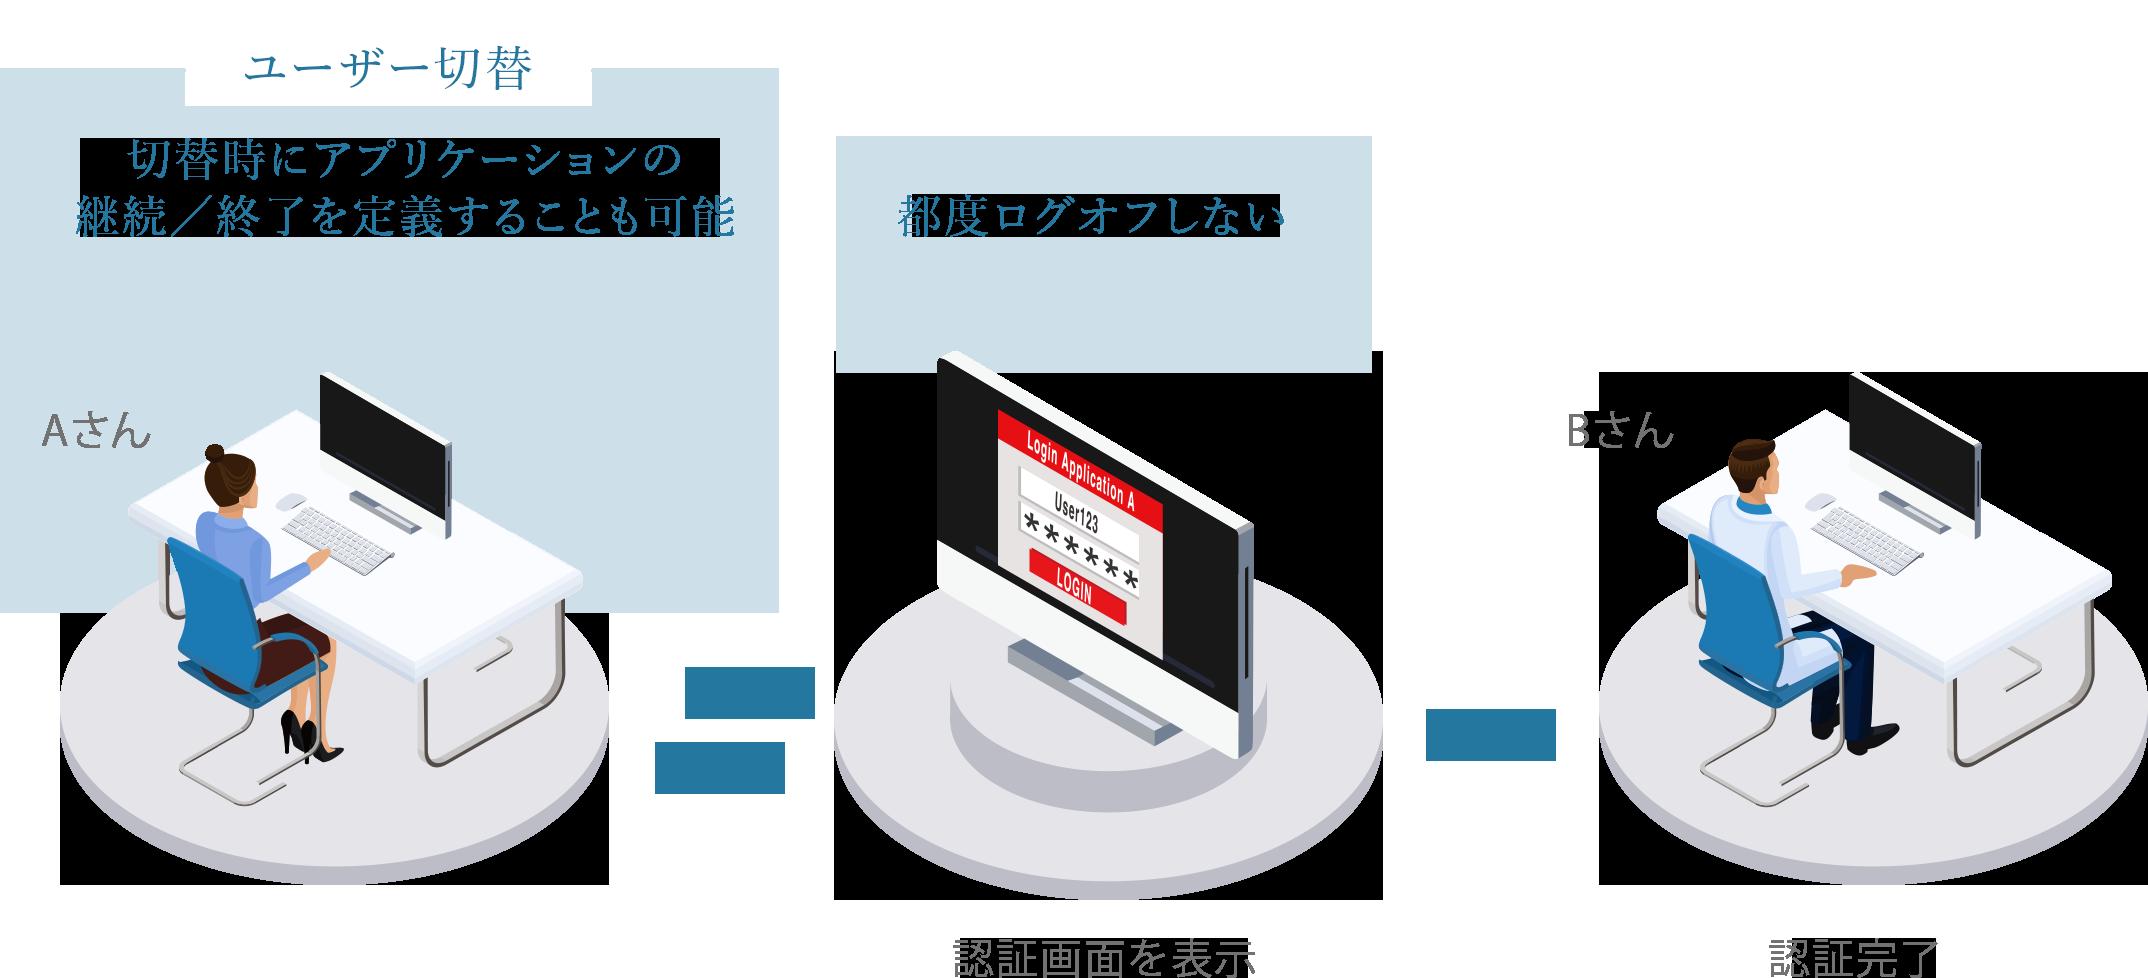 ユーザー切替 切替時にアプリケーションの 継続/終了を定義することも可能 都度ログオフしない  認証画面を表示 認証完了